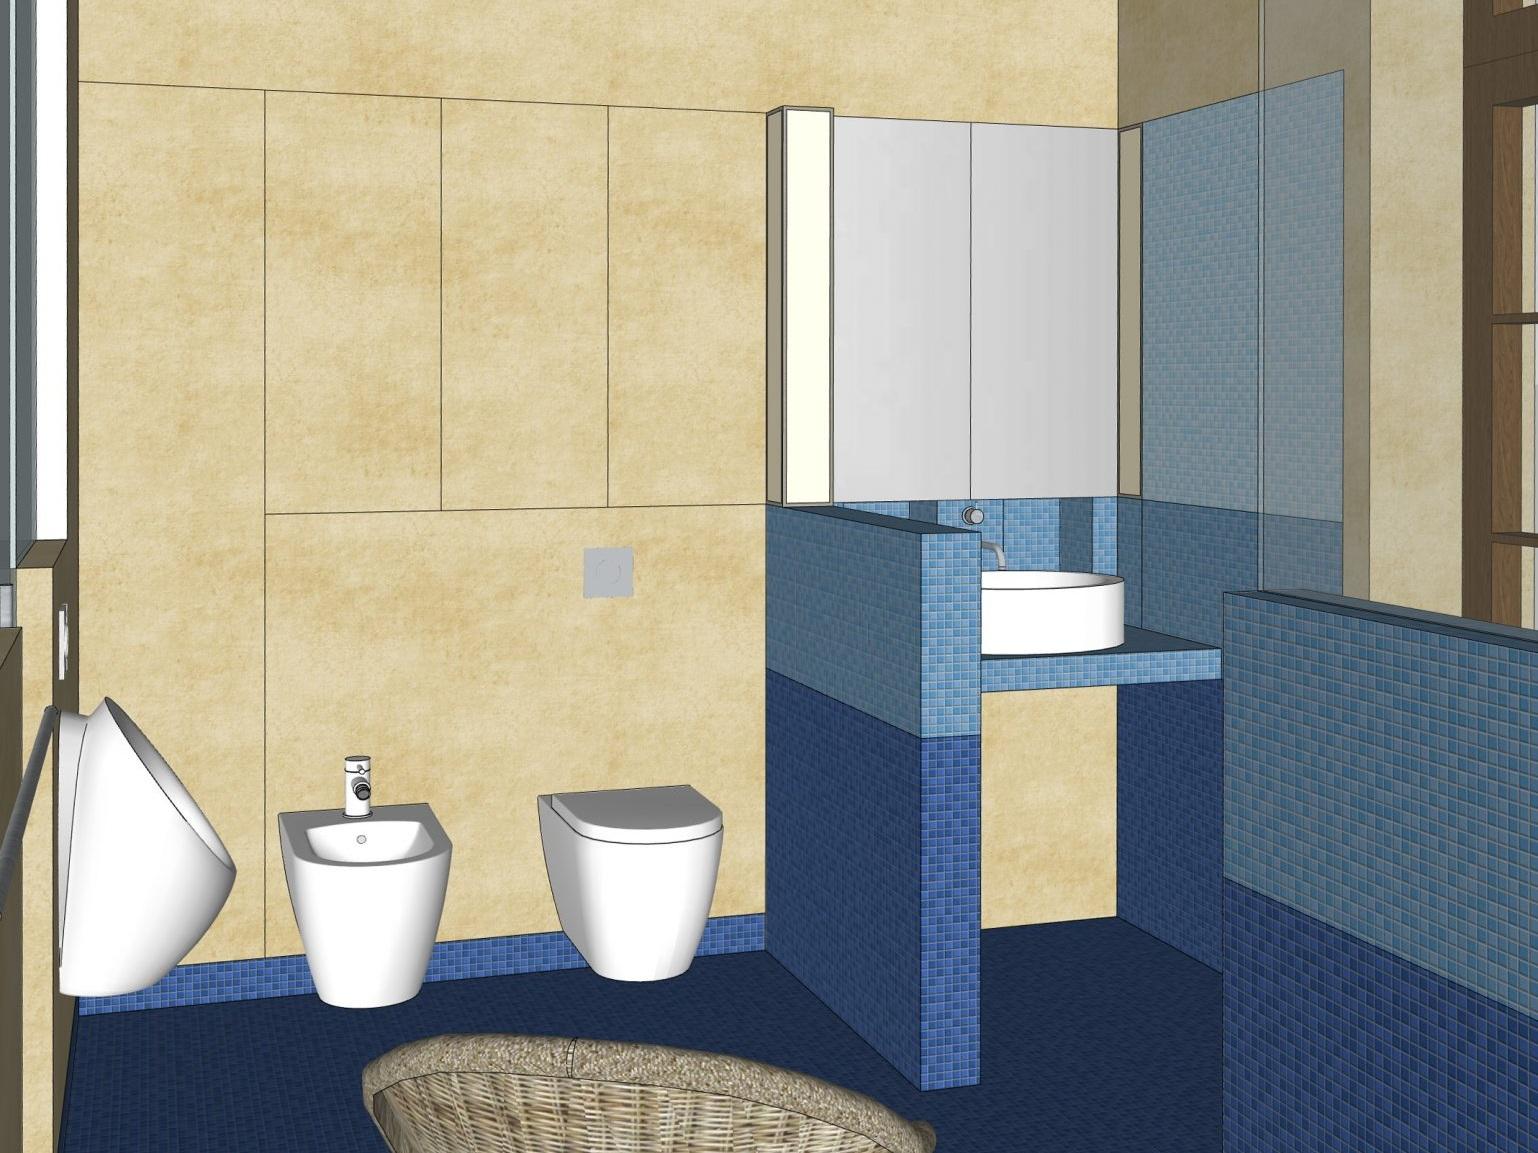 Umnutzung im Altbau - Visualisierung Waschplatz